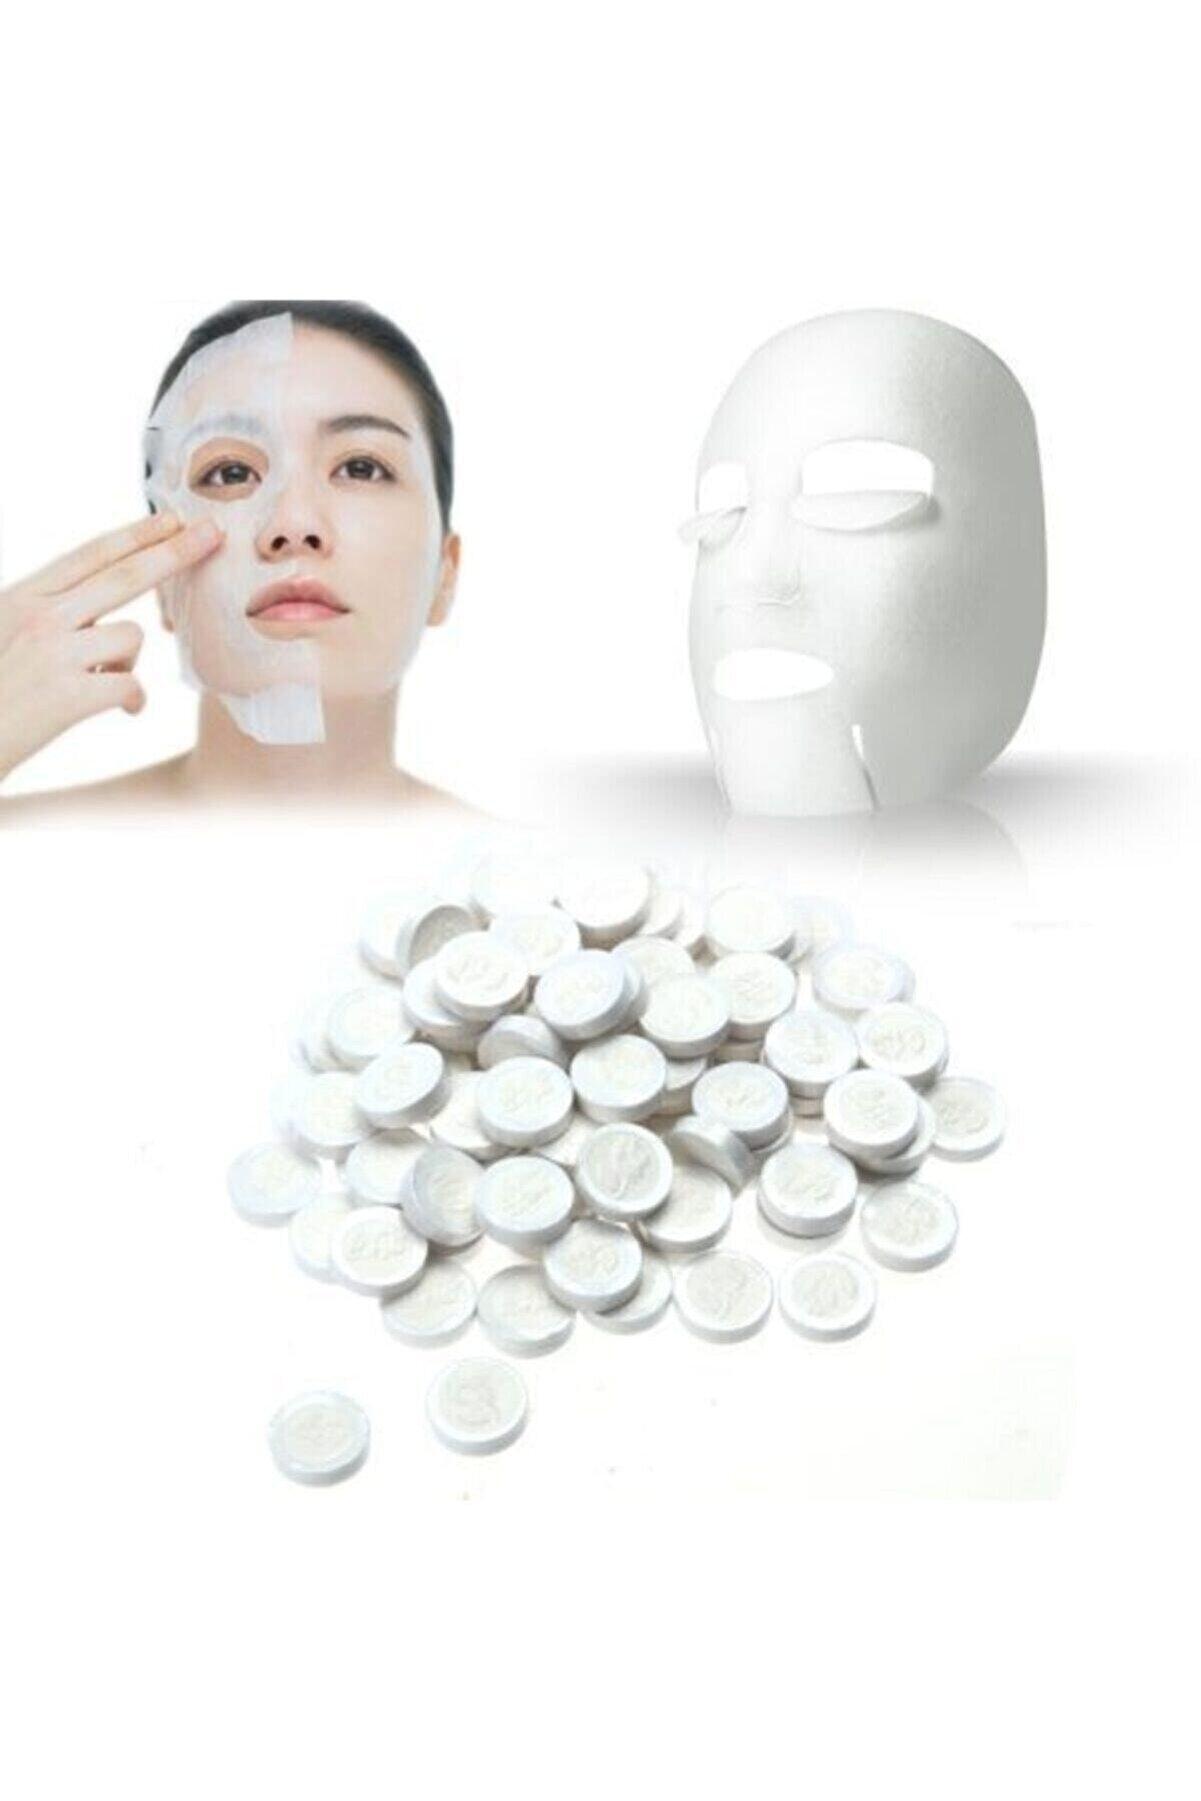 ESRA ŞELEM 50 Adet Sıkıştırılmış Kağıt Yüz Maskesi